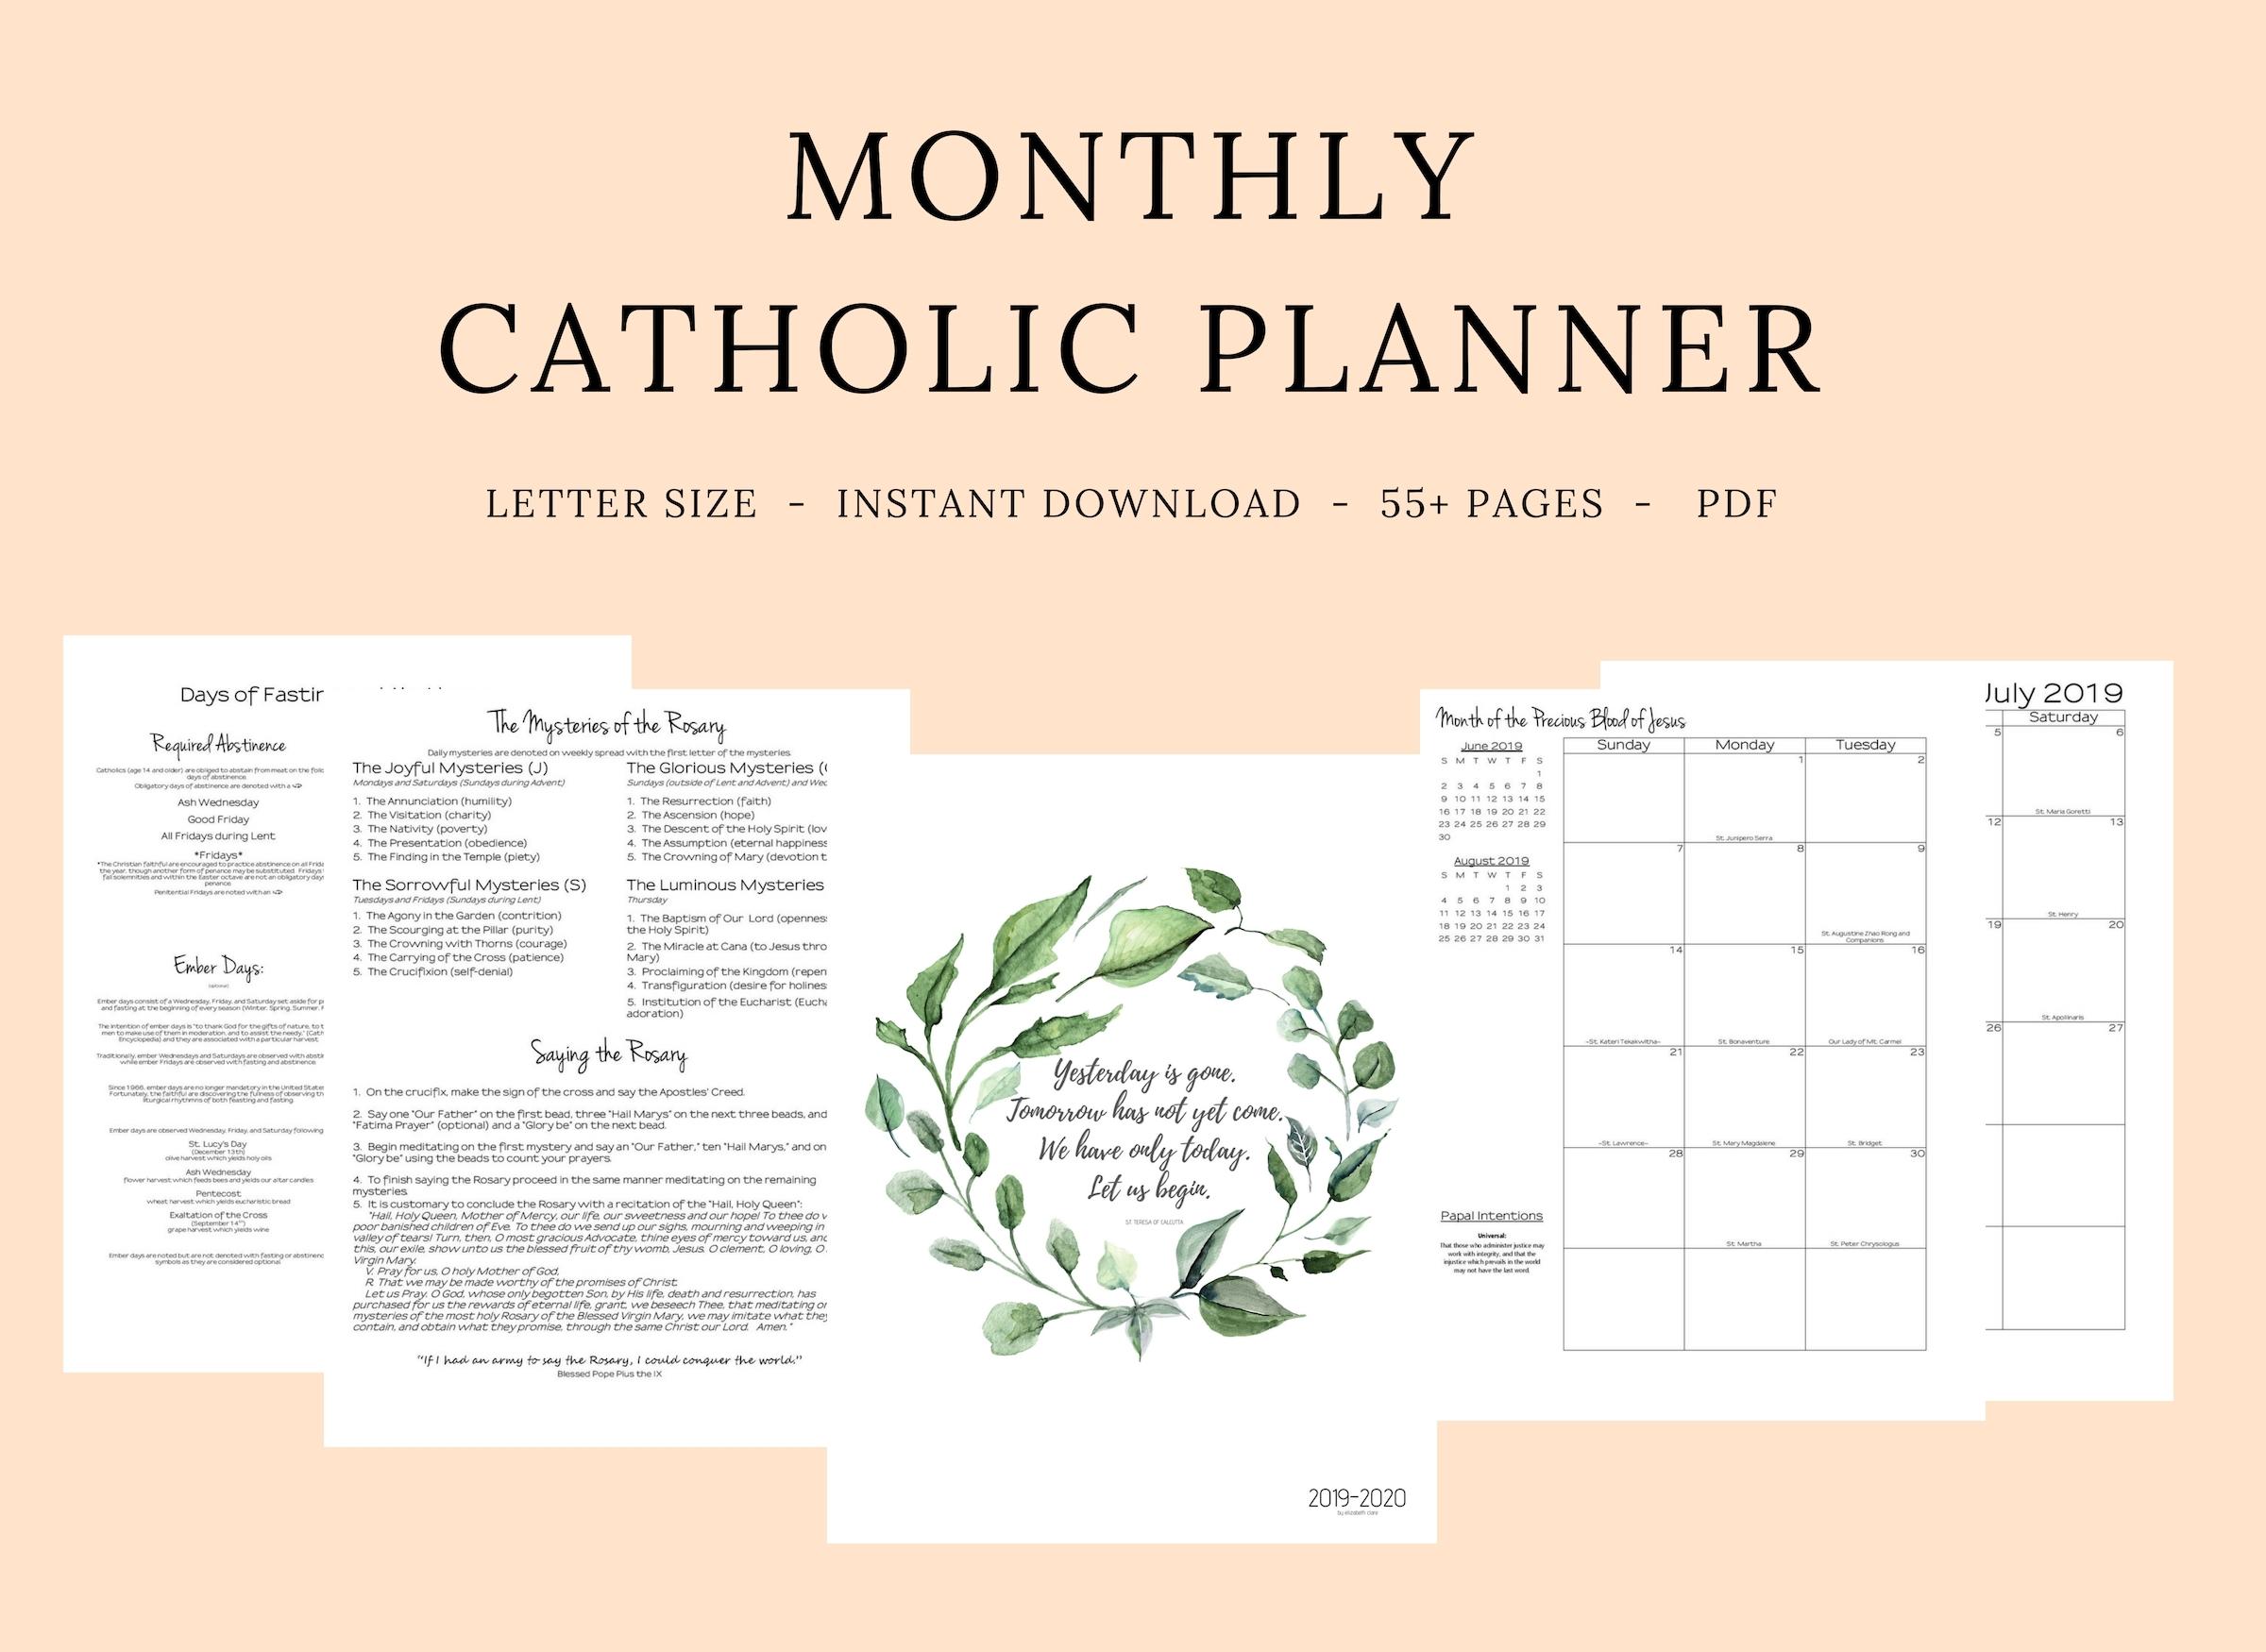 Catholic Liturgical Calendar 2020 Pdf - Calendar Inspiration throughout Catholic Liturgical Calendar For Lent 2020